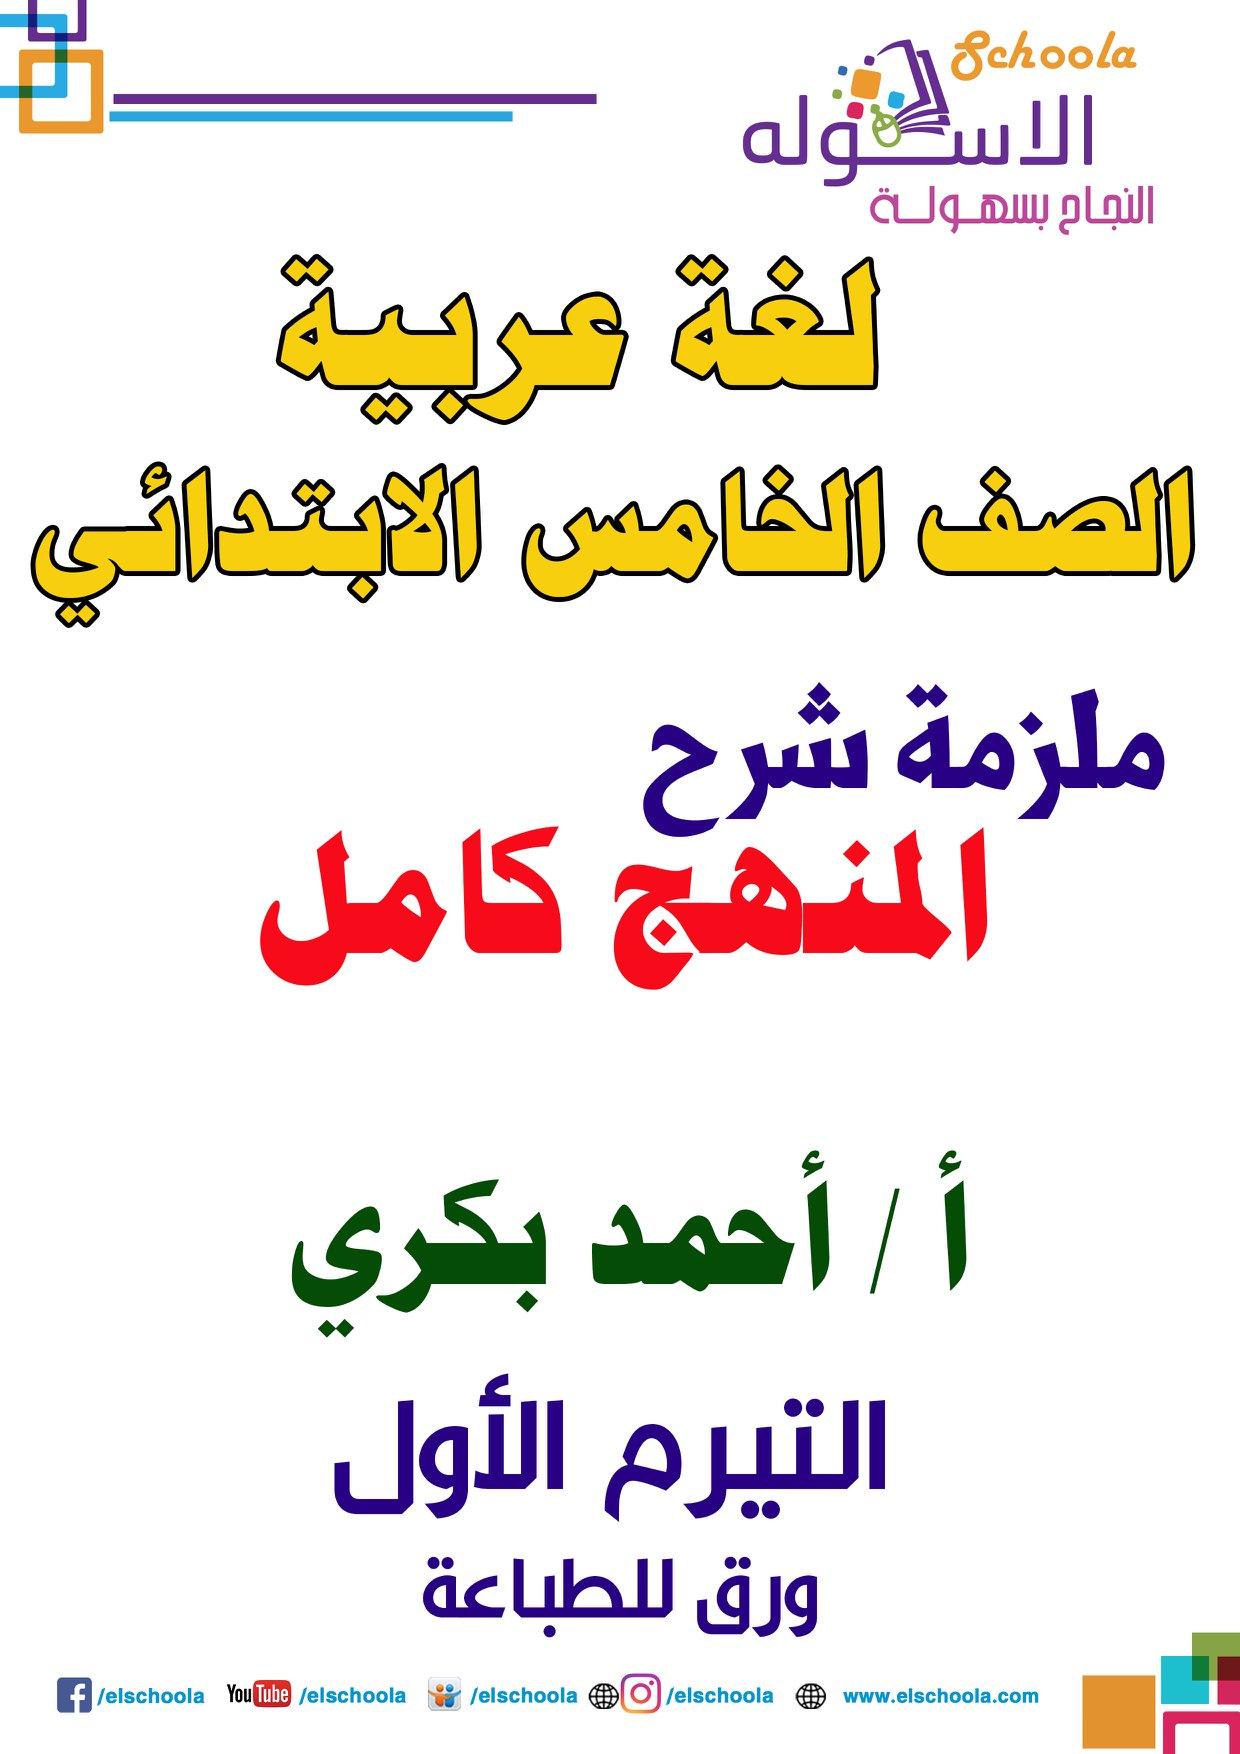 شرح منهج اللغة العربية الصف الخامس الابتدائي